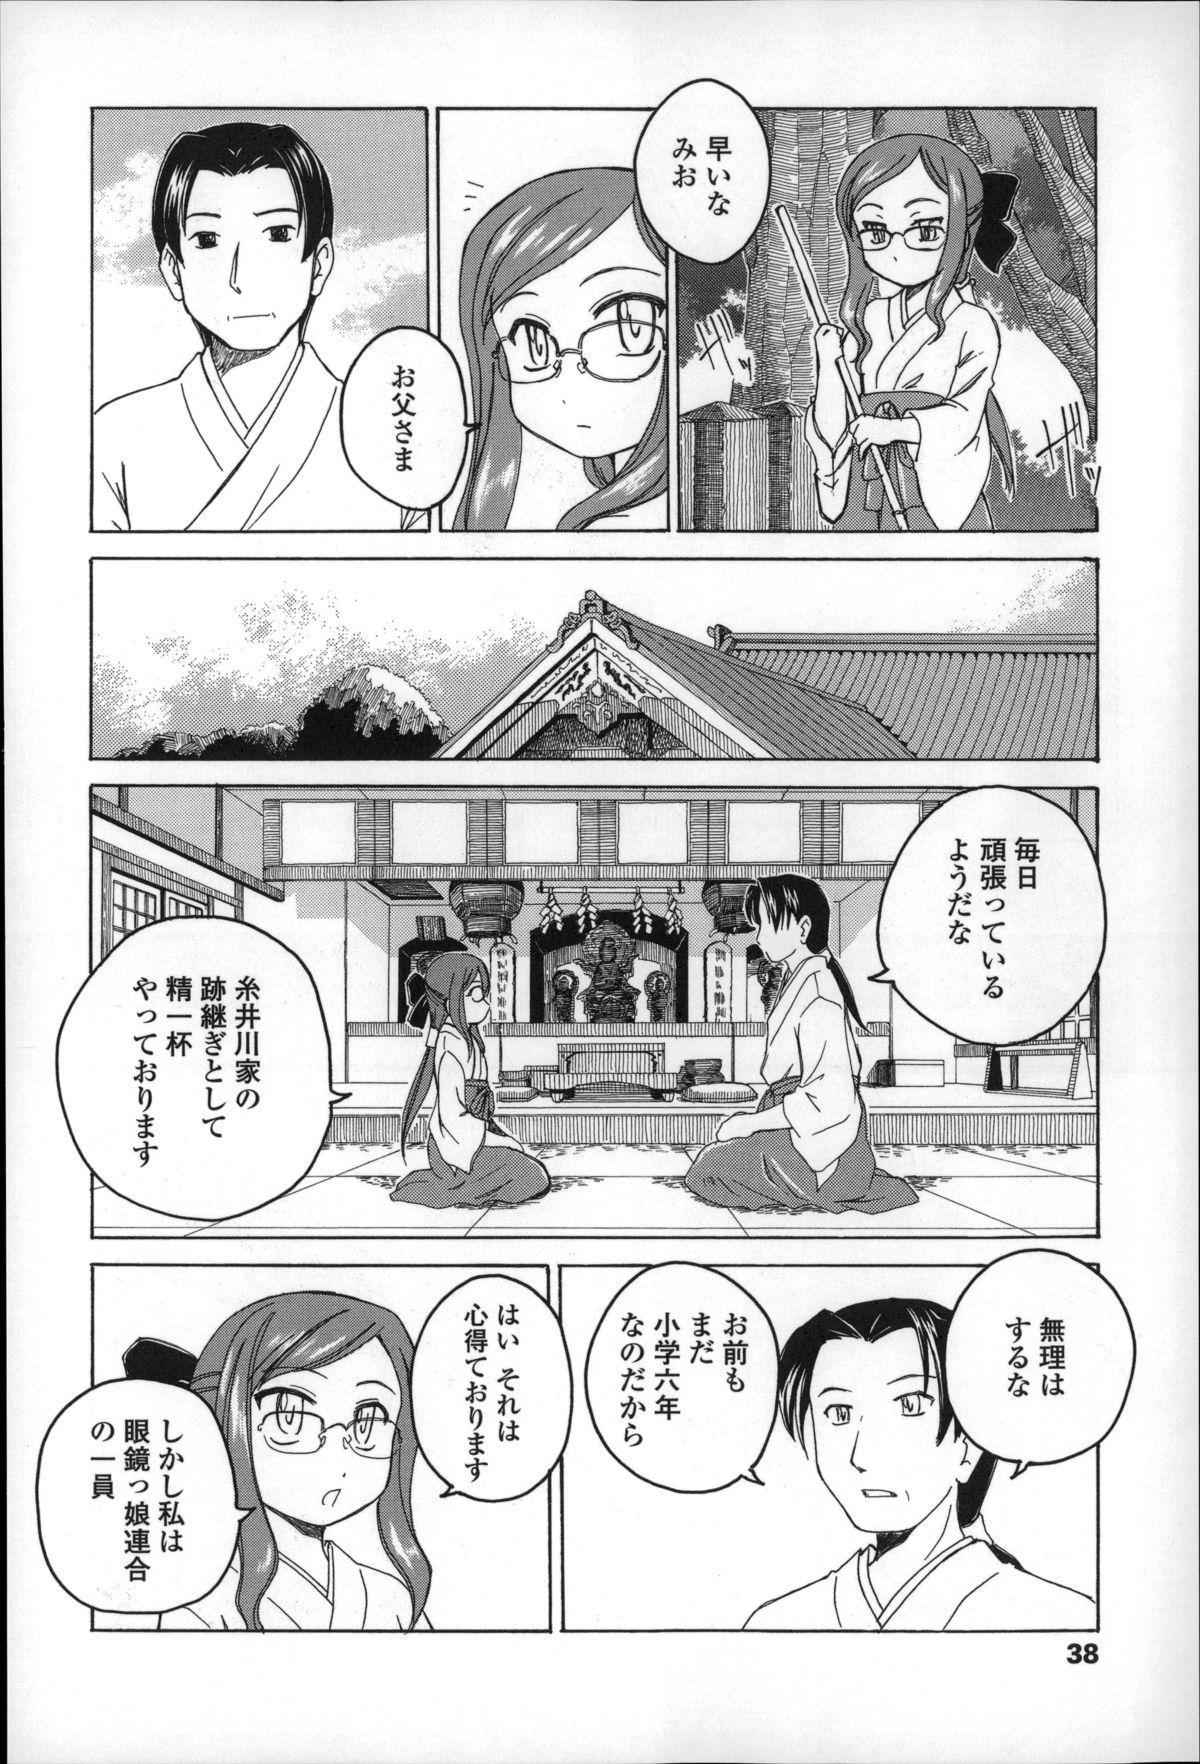 Youshou no Hana no Himitsu - The secret of Girls flowers 41